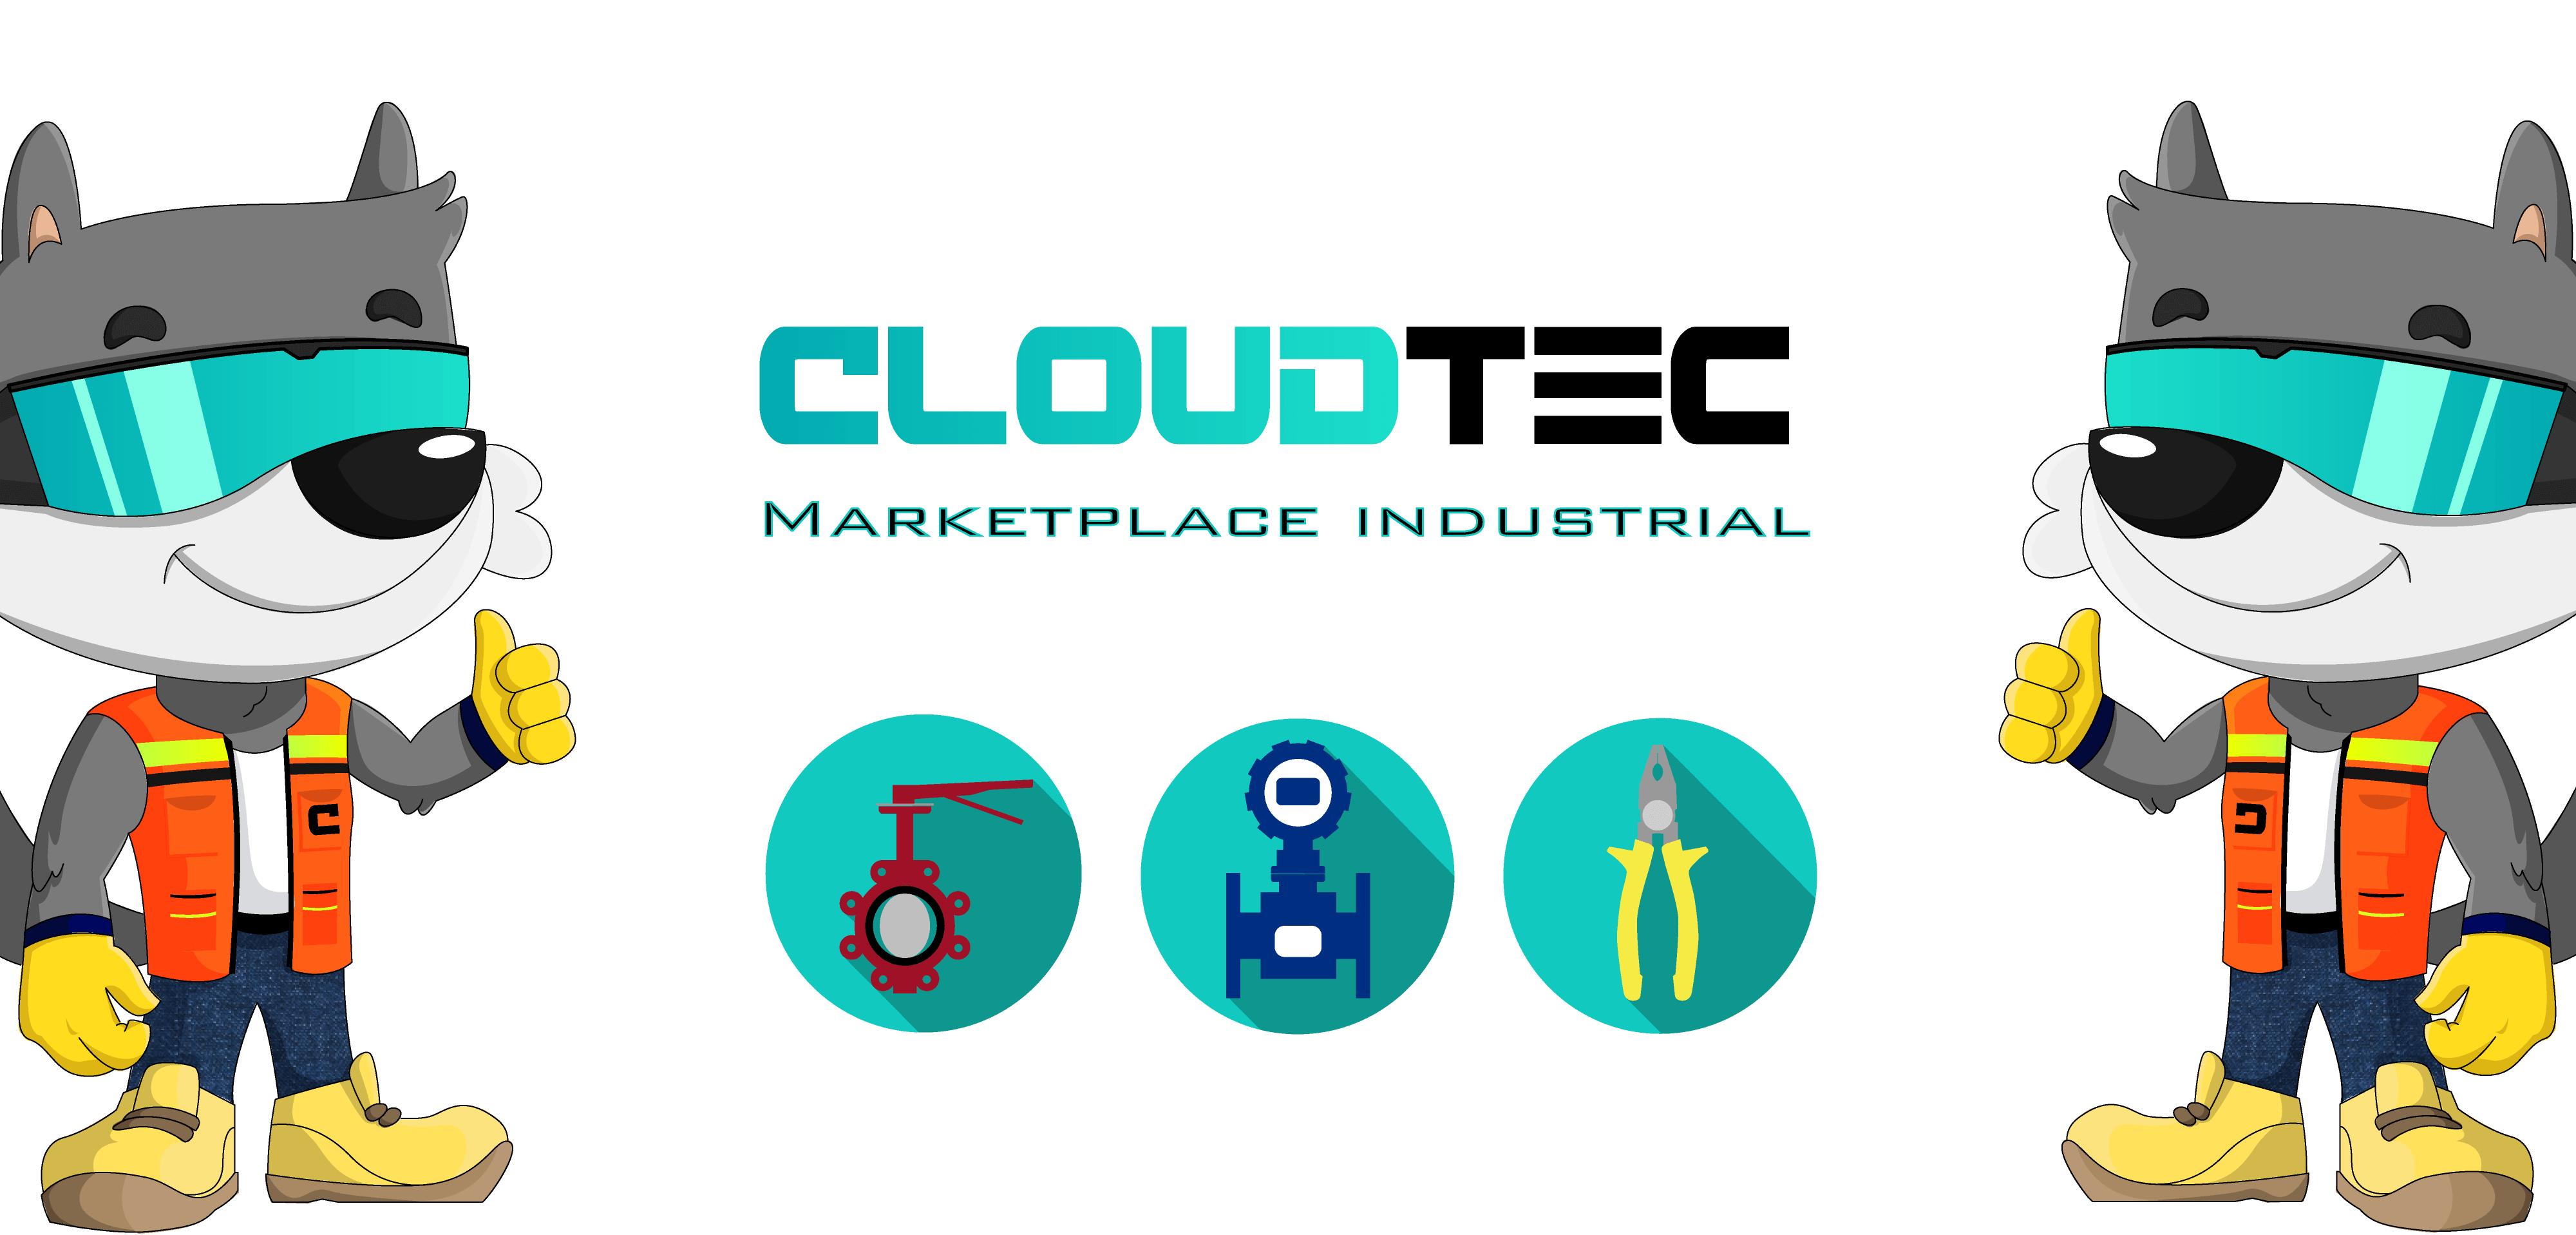 cloudtec